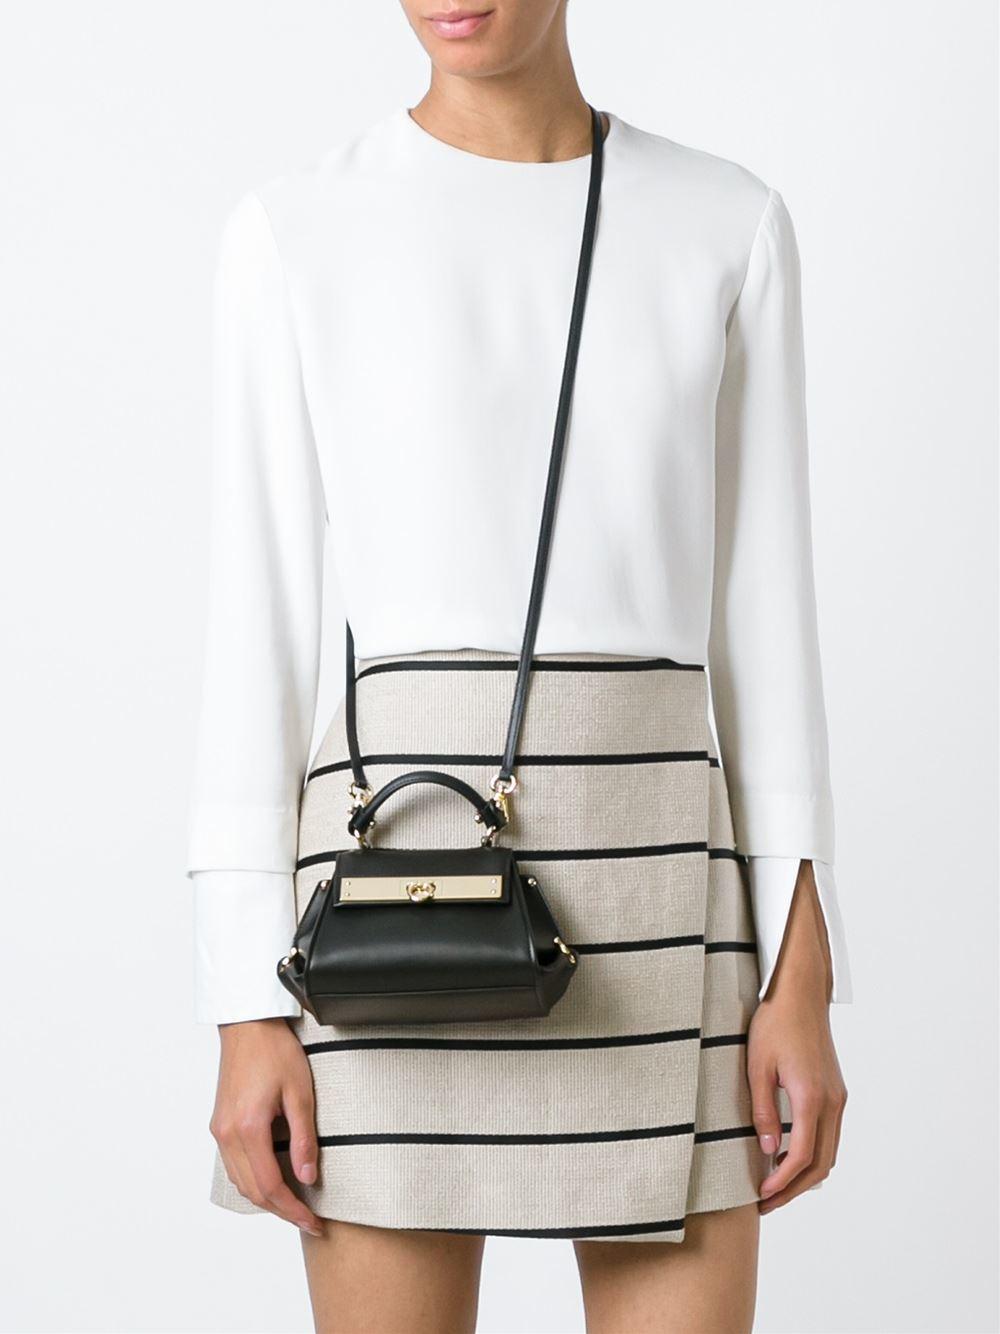 d38d2d0cdf Lyst - Ferragamo  sofia  Crossbody Bag in Black